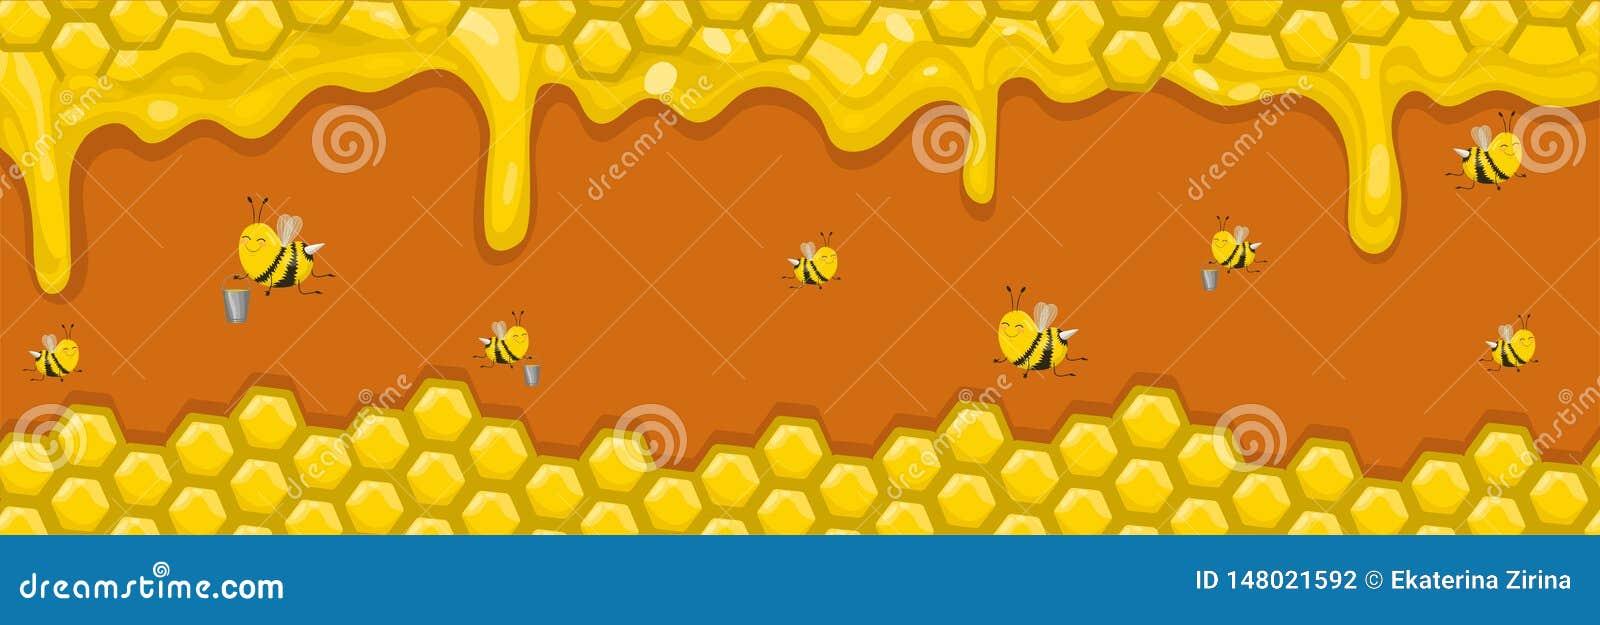 Horyzontalny sztandar z honeycombs, miodem i pszczo?ami, Pszczo?y nios? mi?d w wiadrach r?wnie? zwr?ci? corel ilustracji wektora